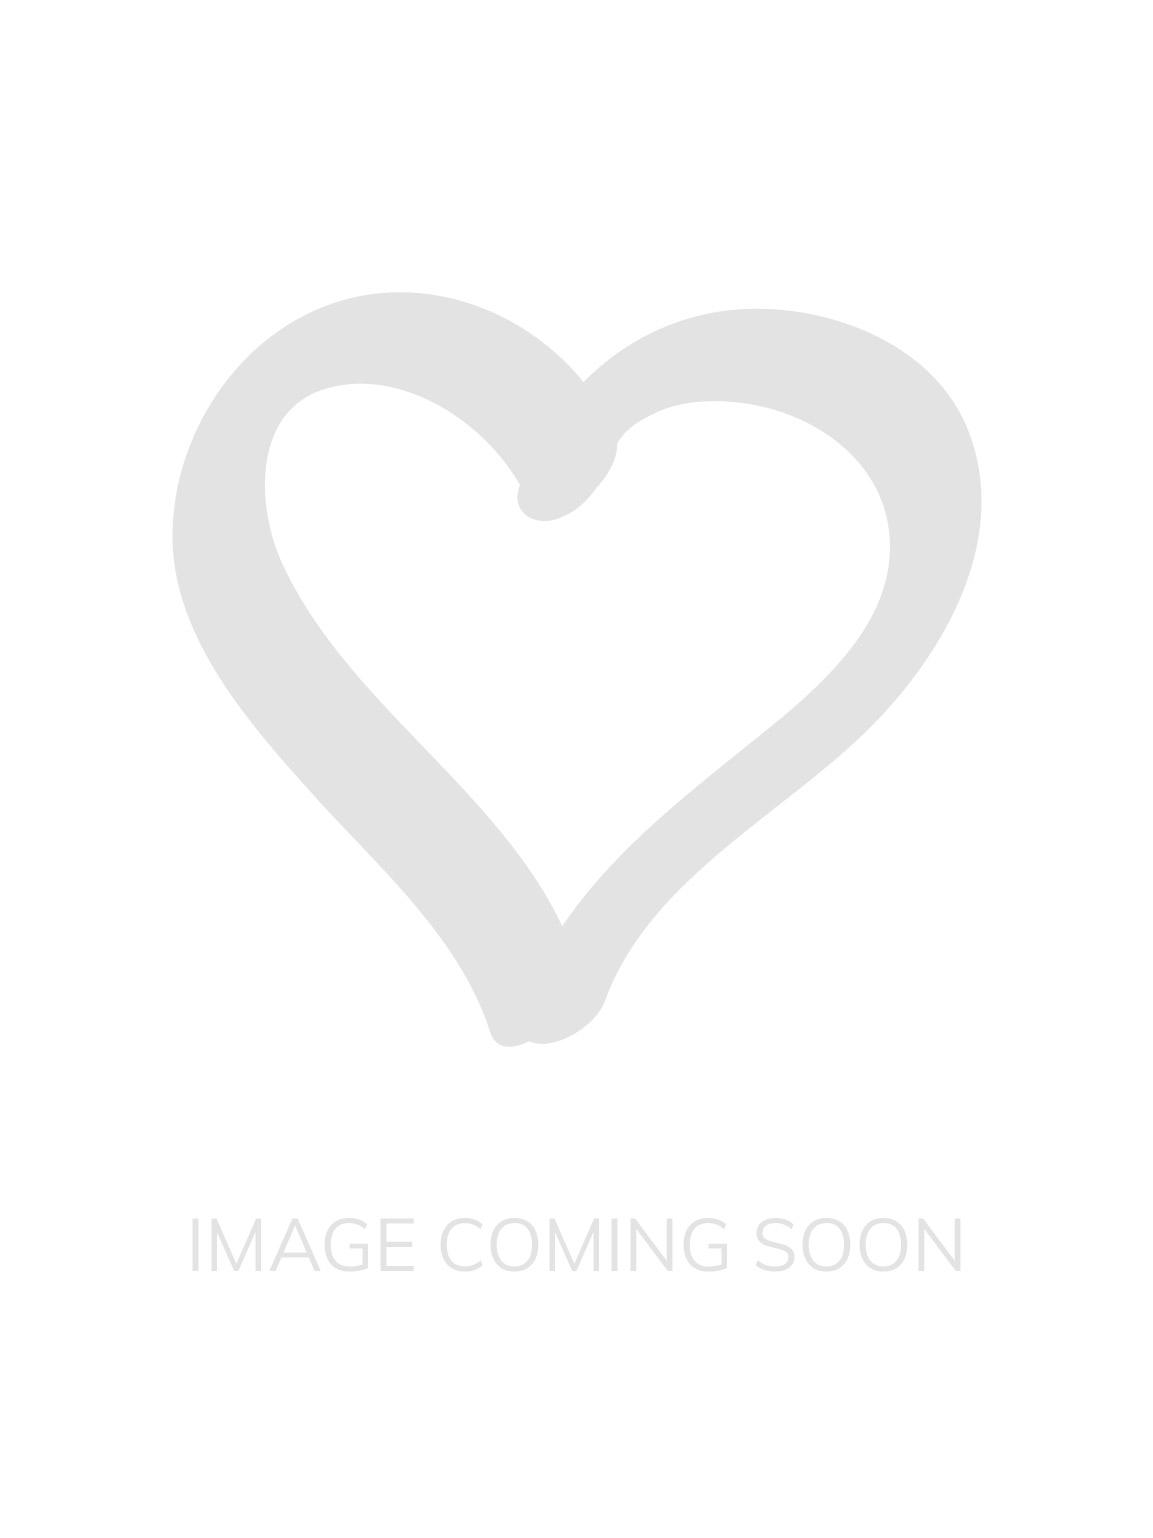 c220a810bcb Roar Thong - Black Gold